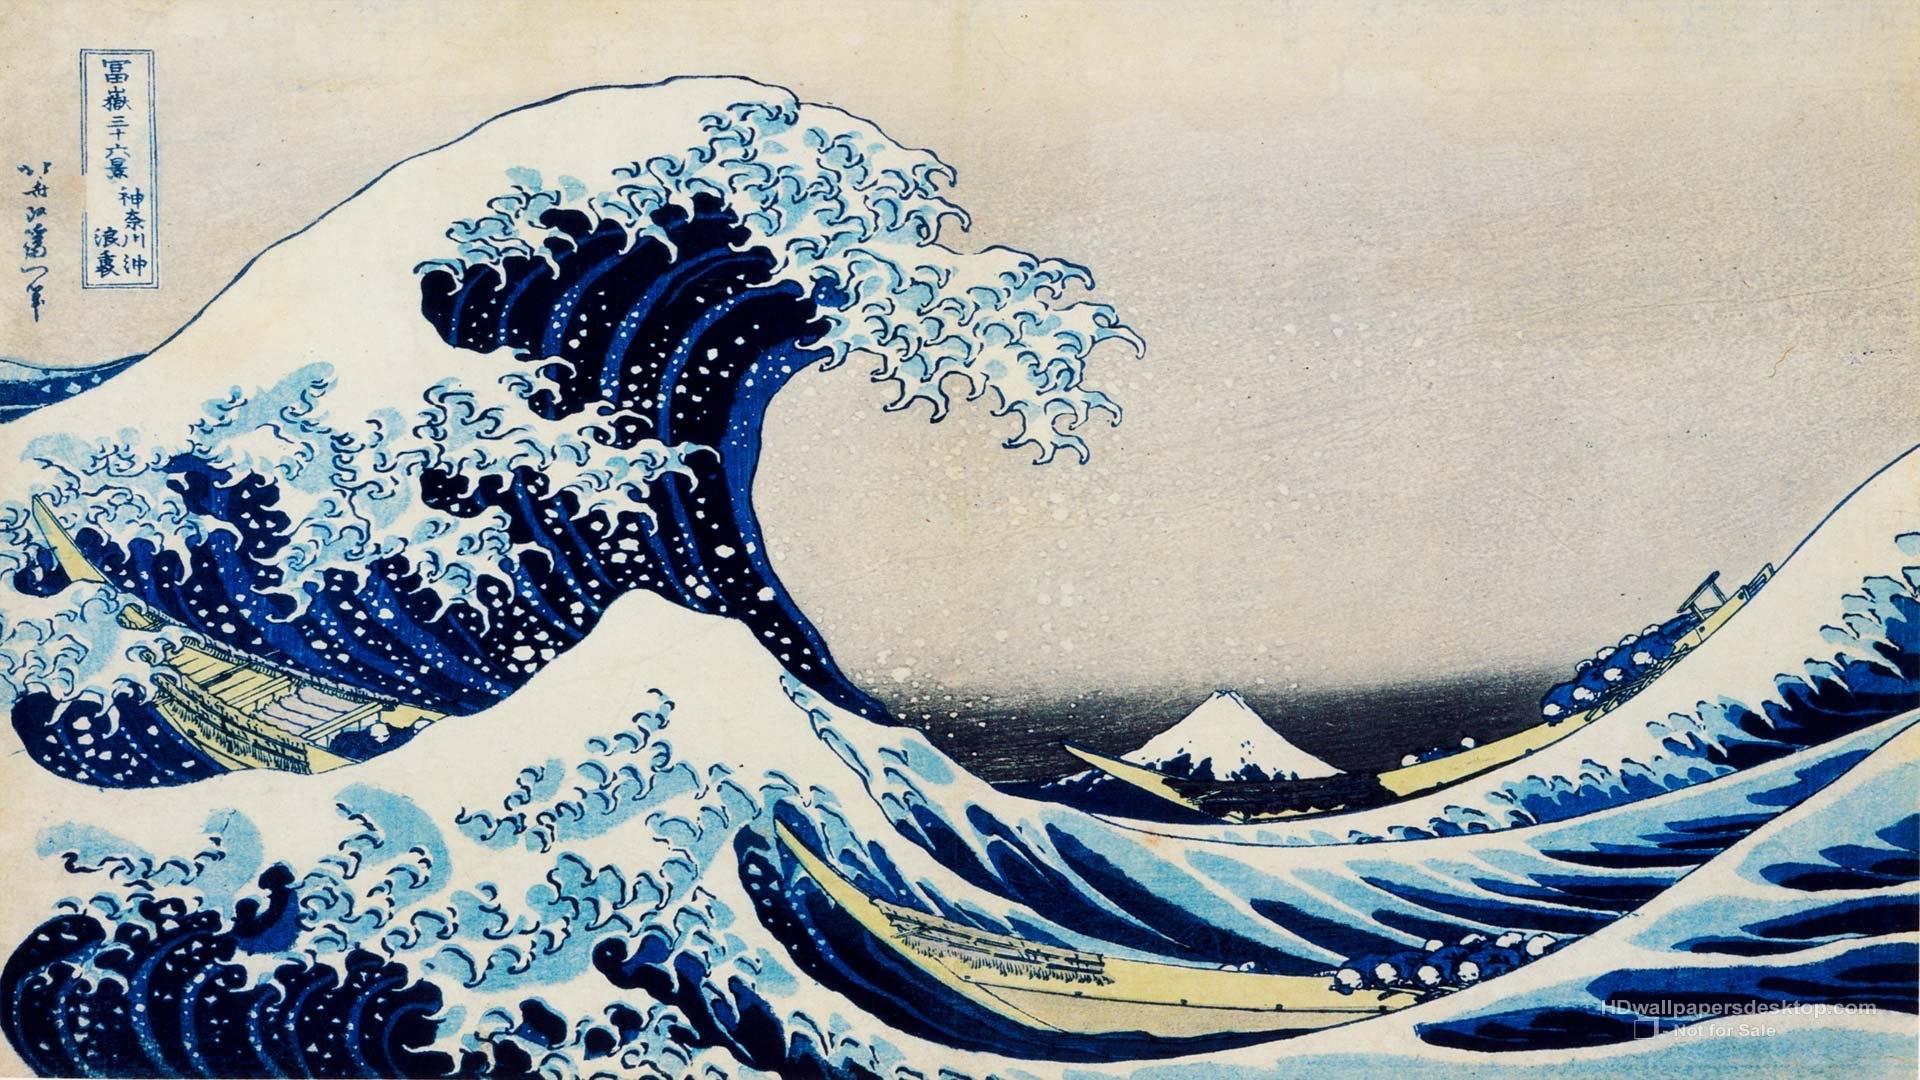 water ocean waves artwork the great wave off kanagawa katsushika 1920x1080